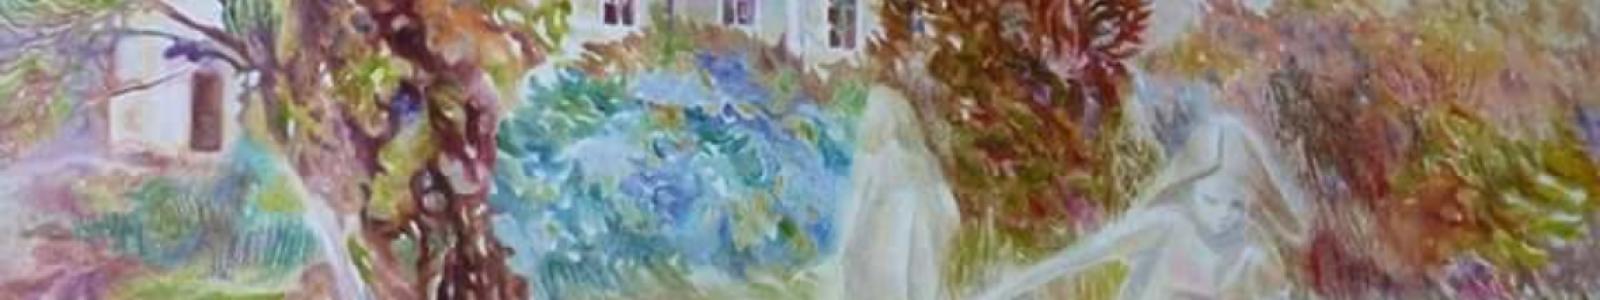 Gallery Painter Olga Berezyuk